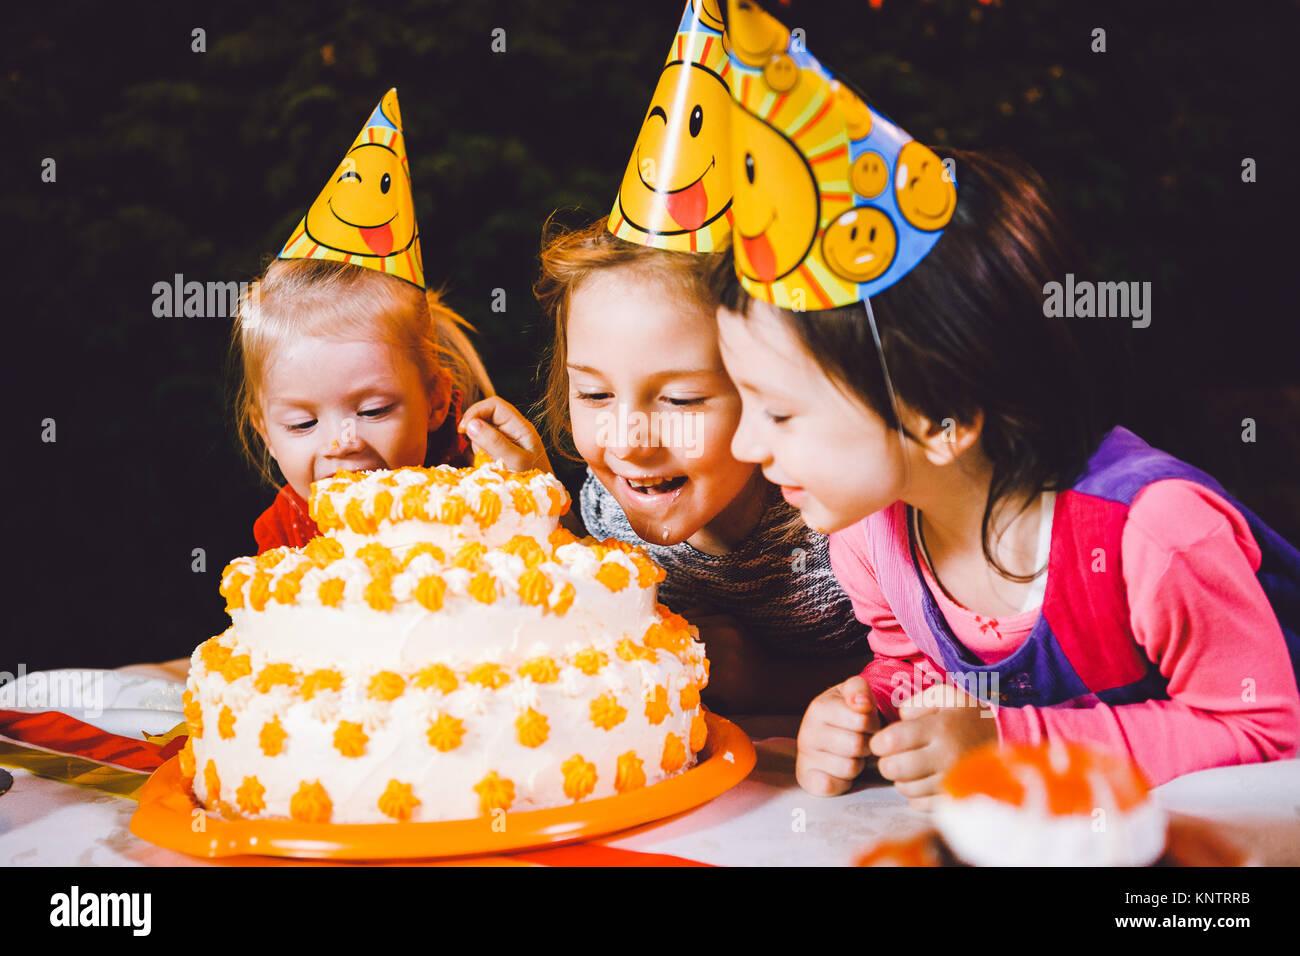 Festa di compleanno di bambini. Tre Allegri Ragazzi Ragazze a tavola a mangiare la torta con le loro mani e macchie Immagini Stock